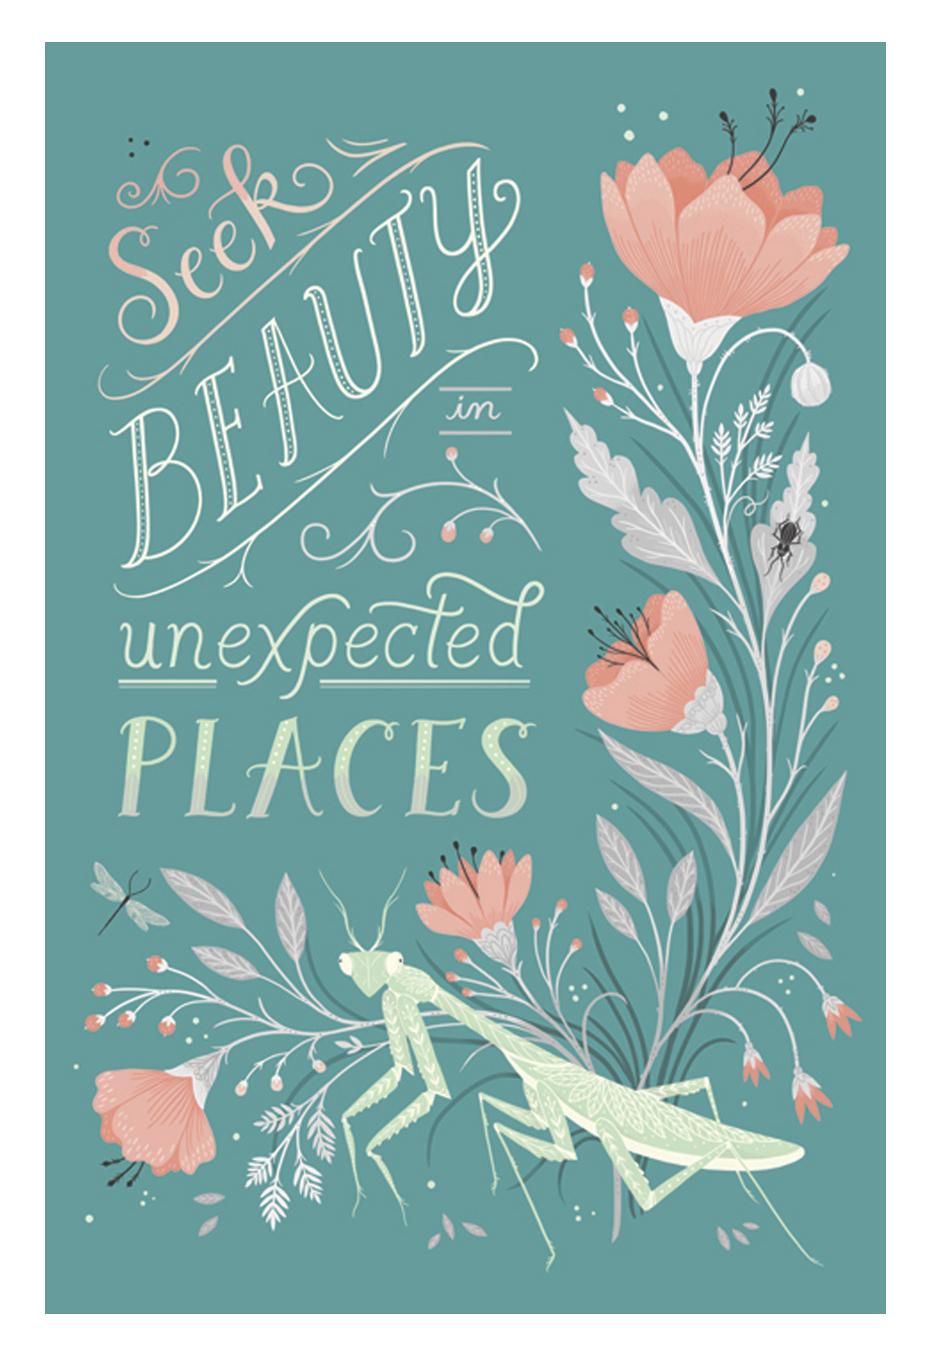 Illustrations pour votre inspiration au printemps - Illustration réalisée par Lisa Perrin.